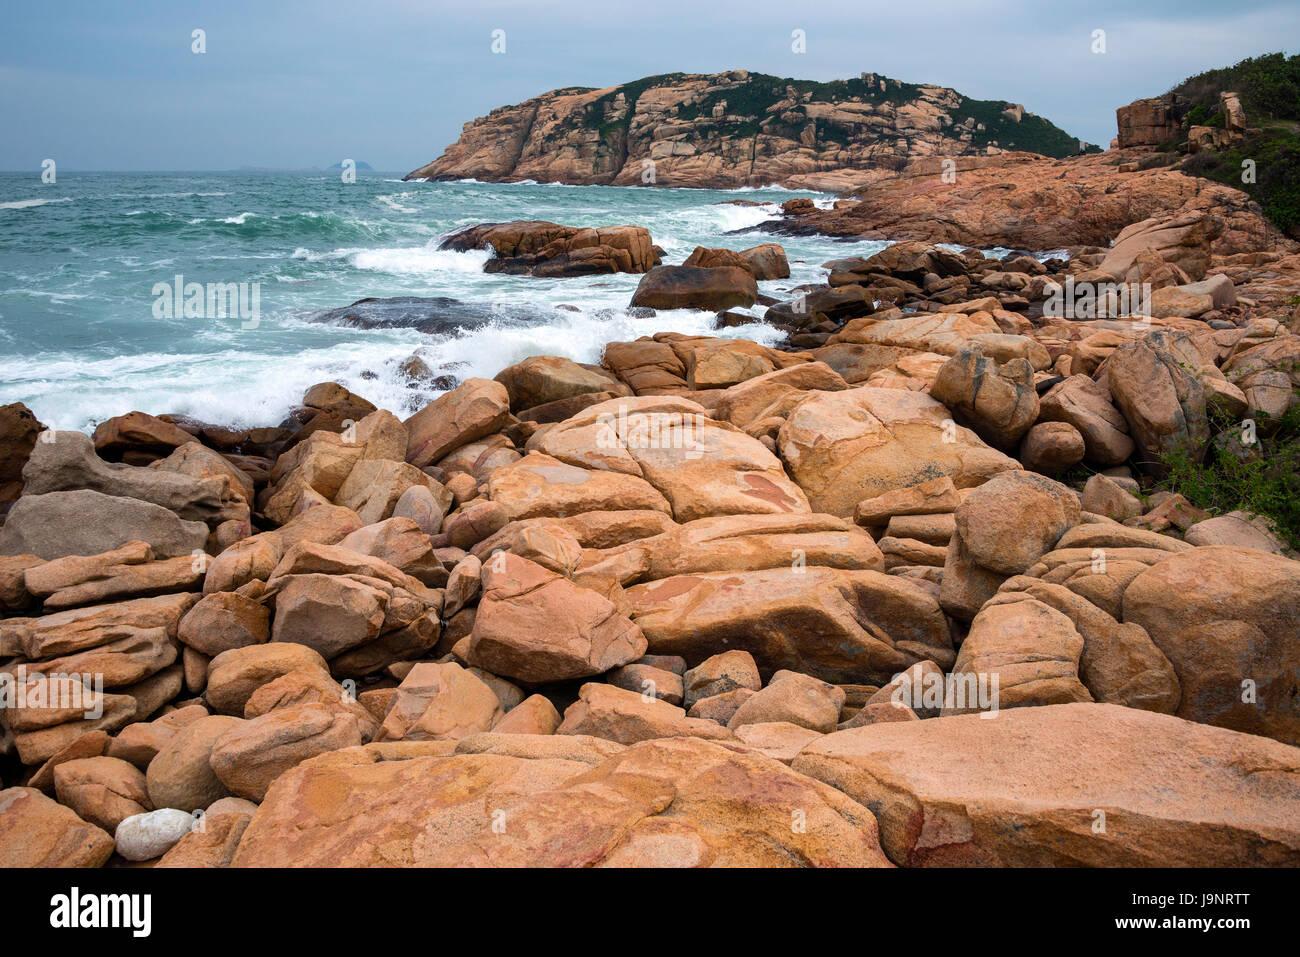 Coastline and South China Sea at Shek-O, Hong Kong - Stock Image